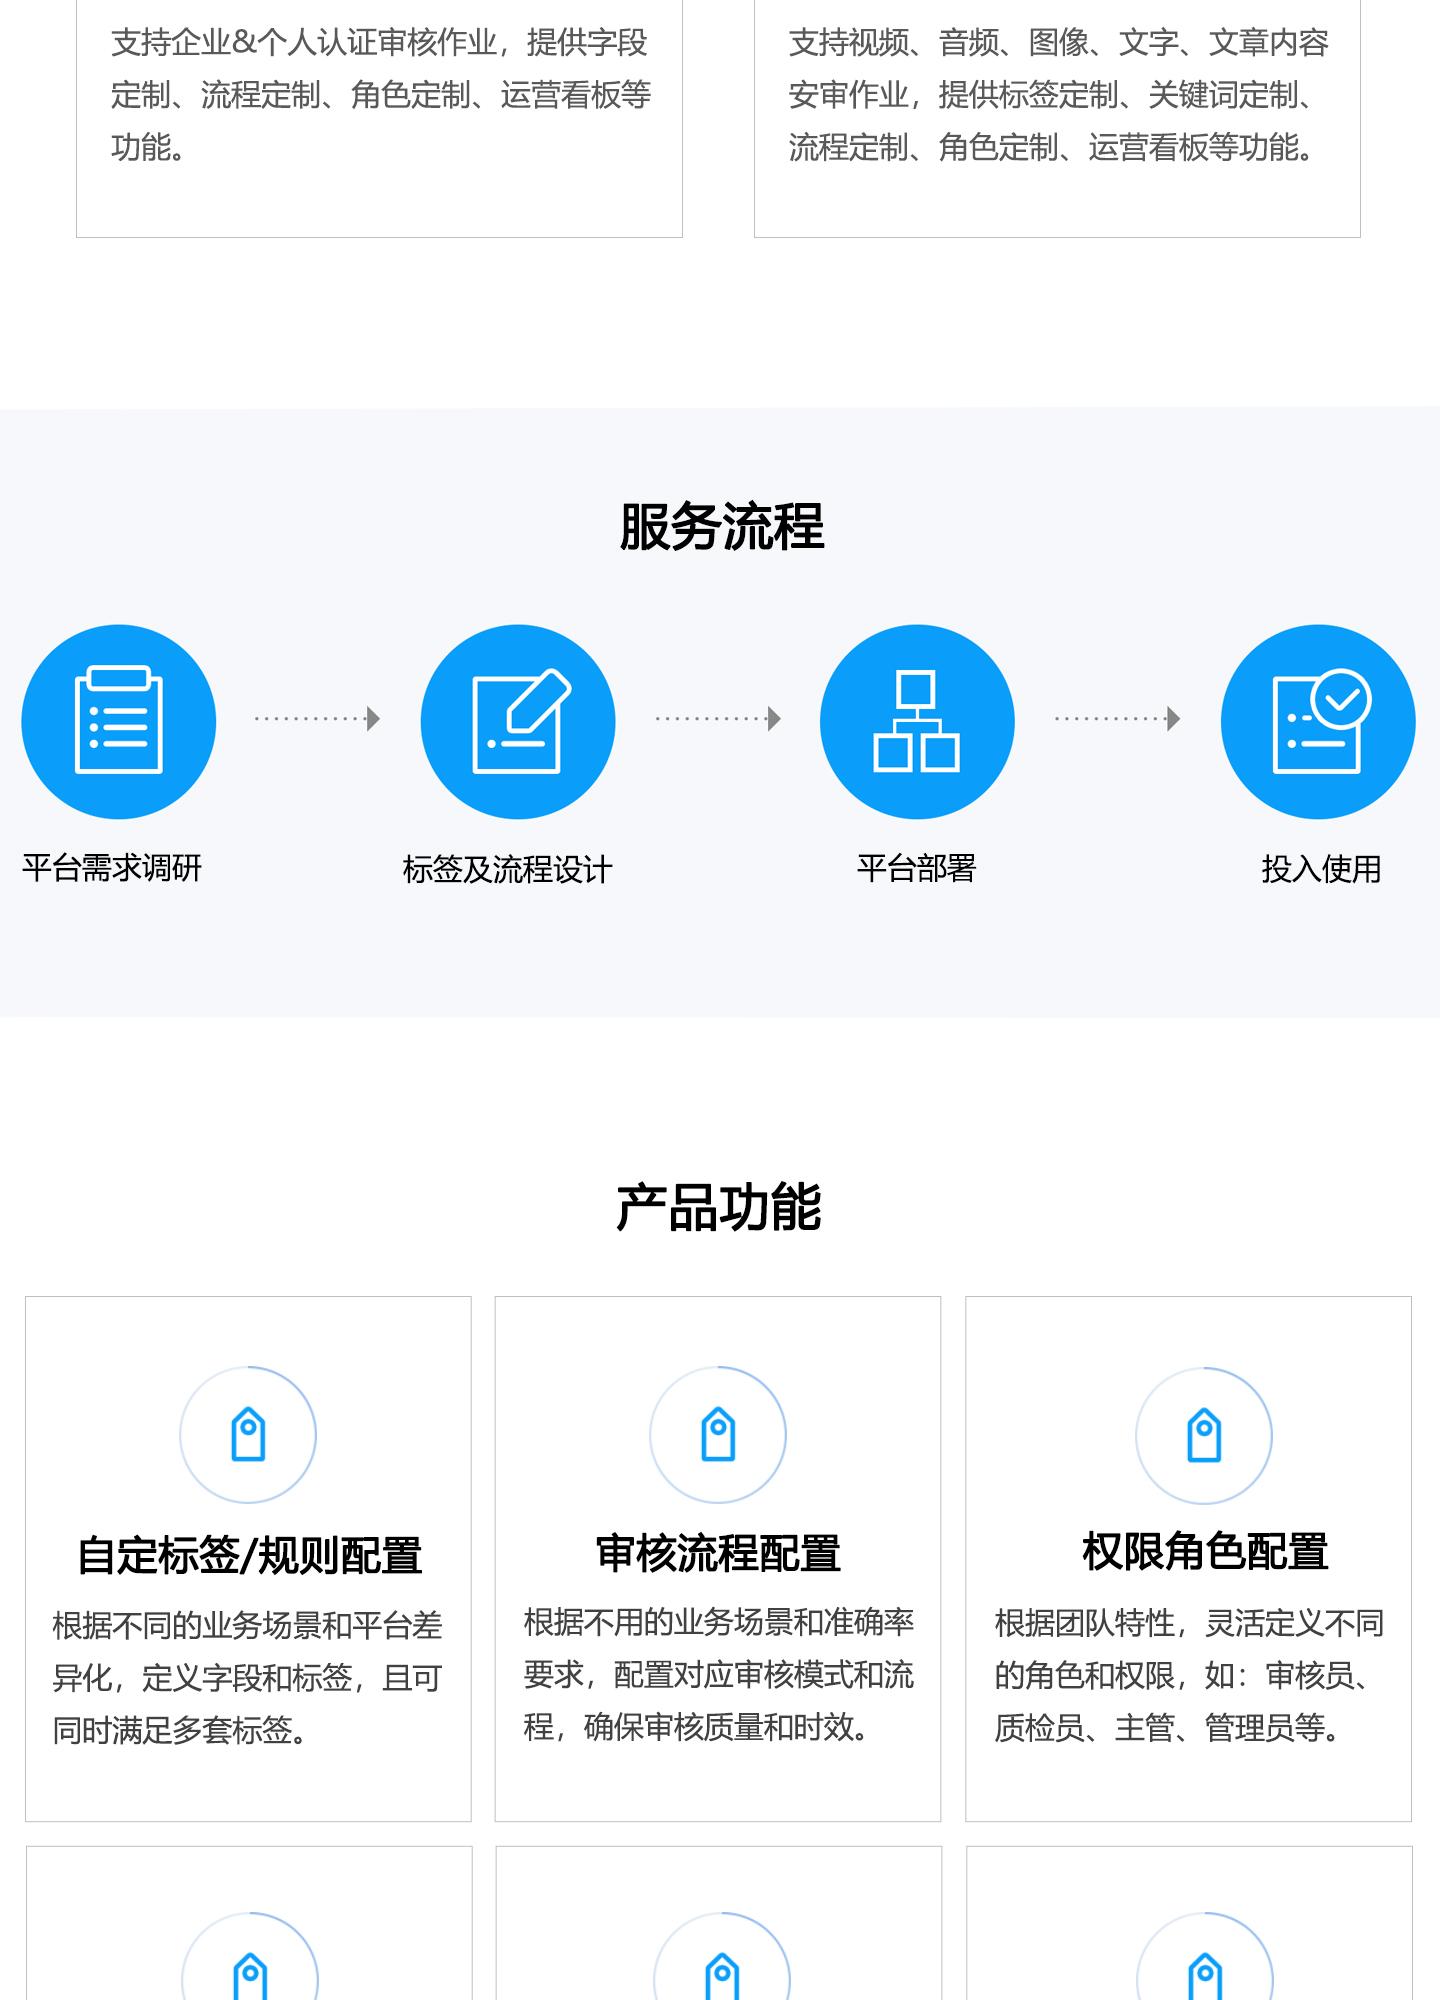 智能人机协同作业平台1440_02.jpg